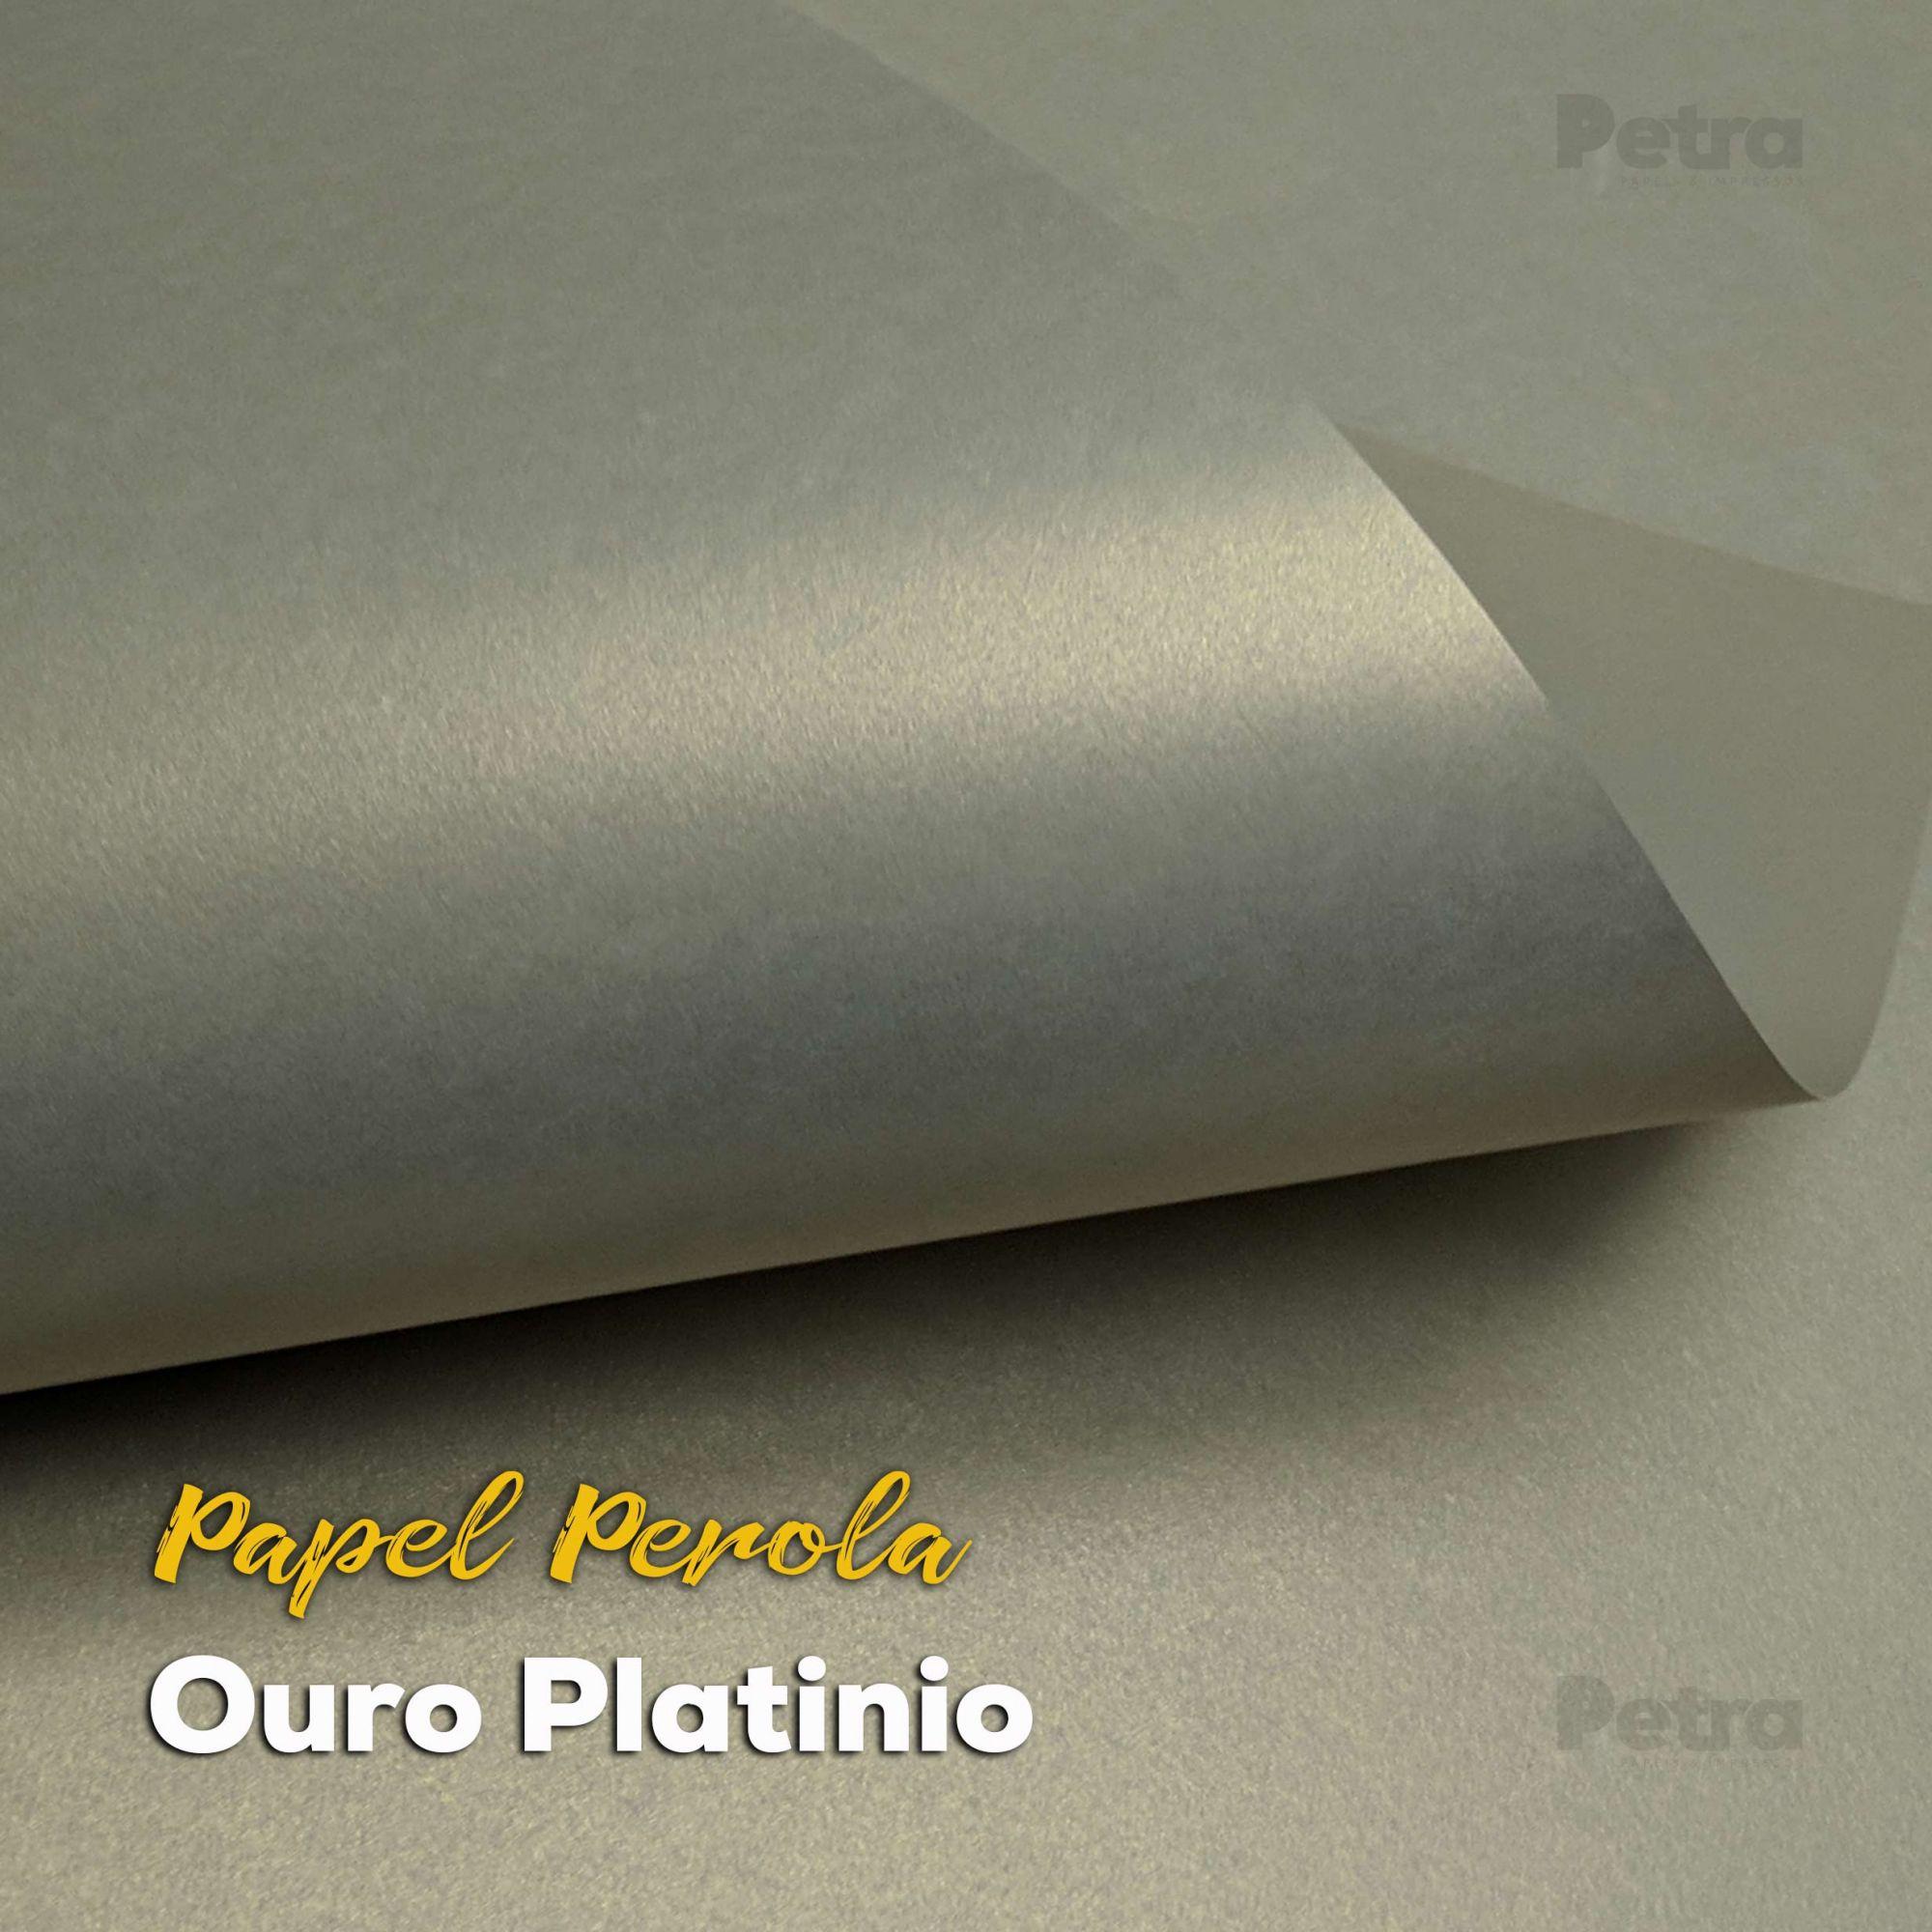 Papel Pérola Ouro Platino Tam: 66x96cm 180g/m²  com 10 folhas